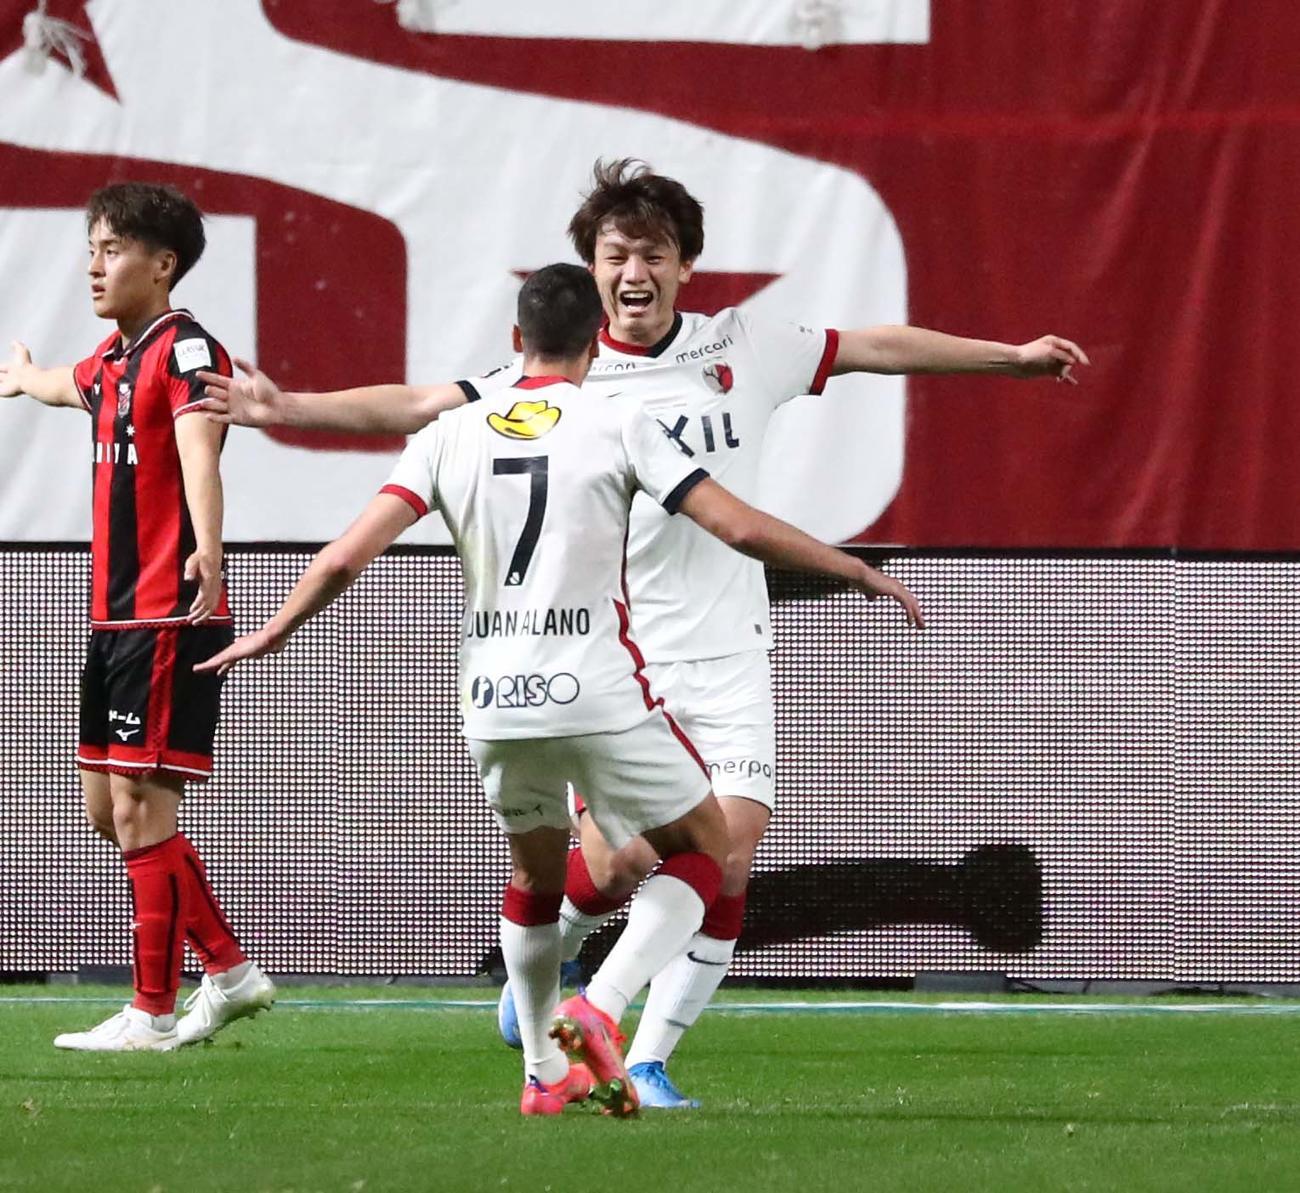 札幌対鹿島 前半20分、ゴールを決め喜ぶFW上田(撮影・黒川智章)